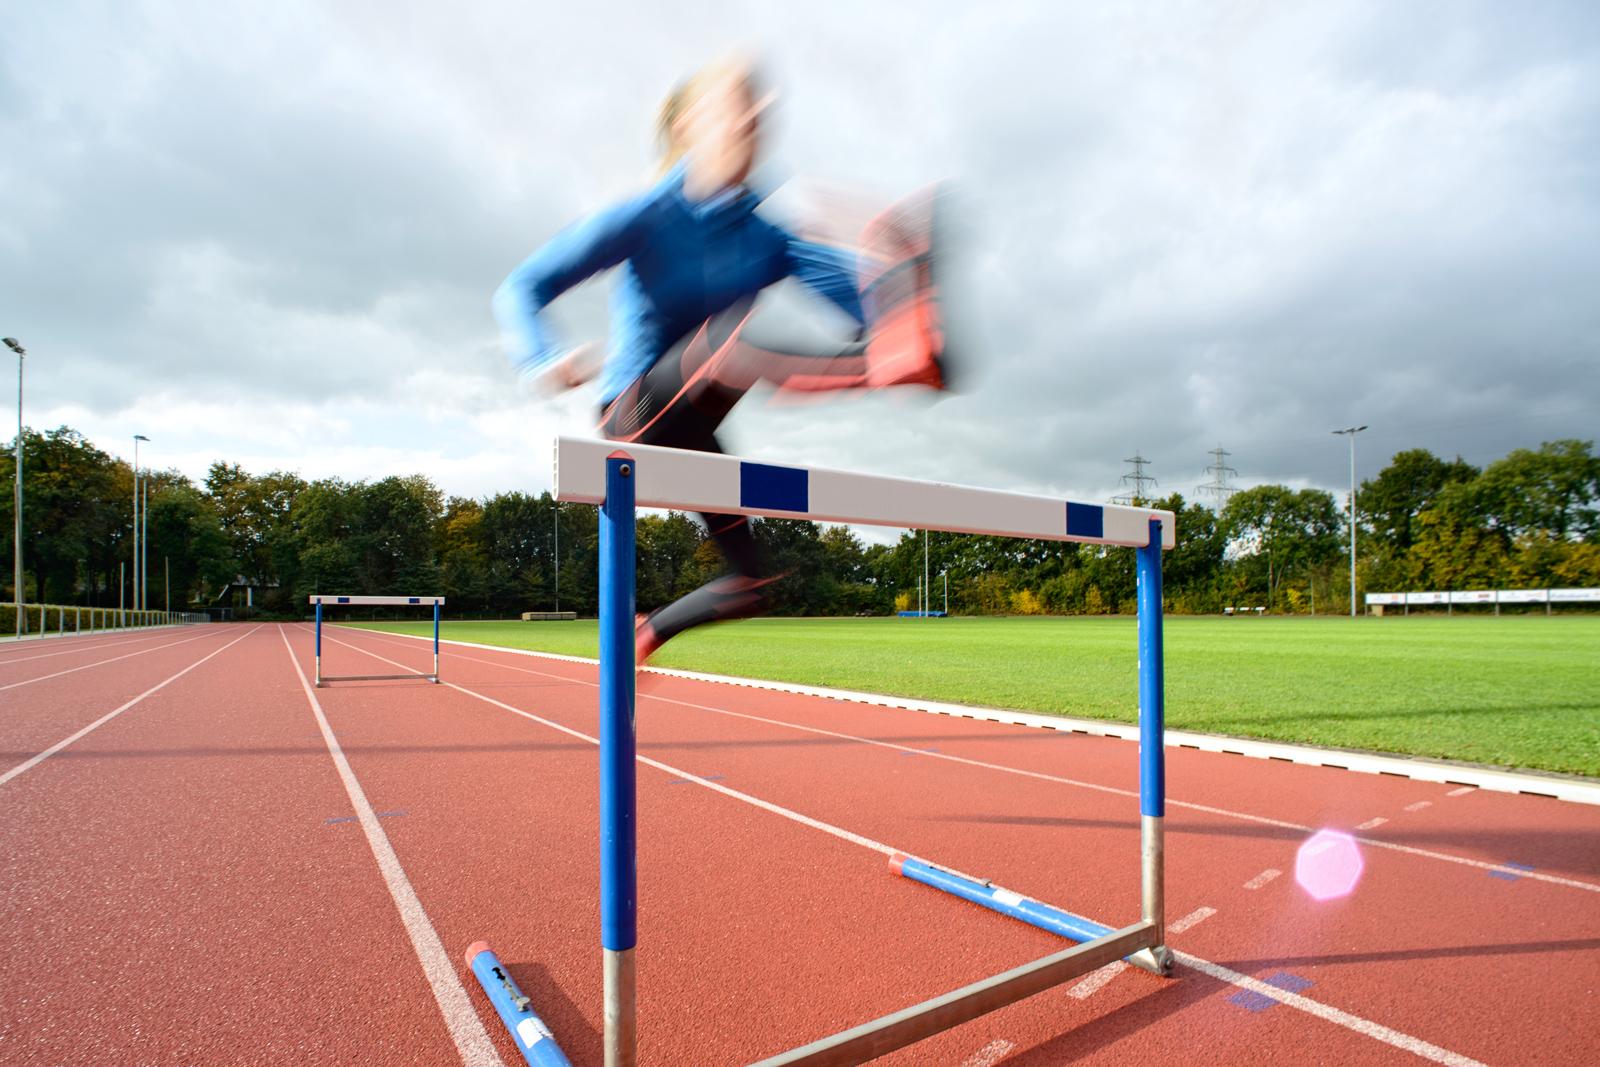 fotograaf Deventer-hordelopen-atletiek-conceptfotografie-sportfotografie-website fotografie